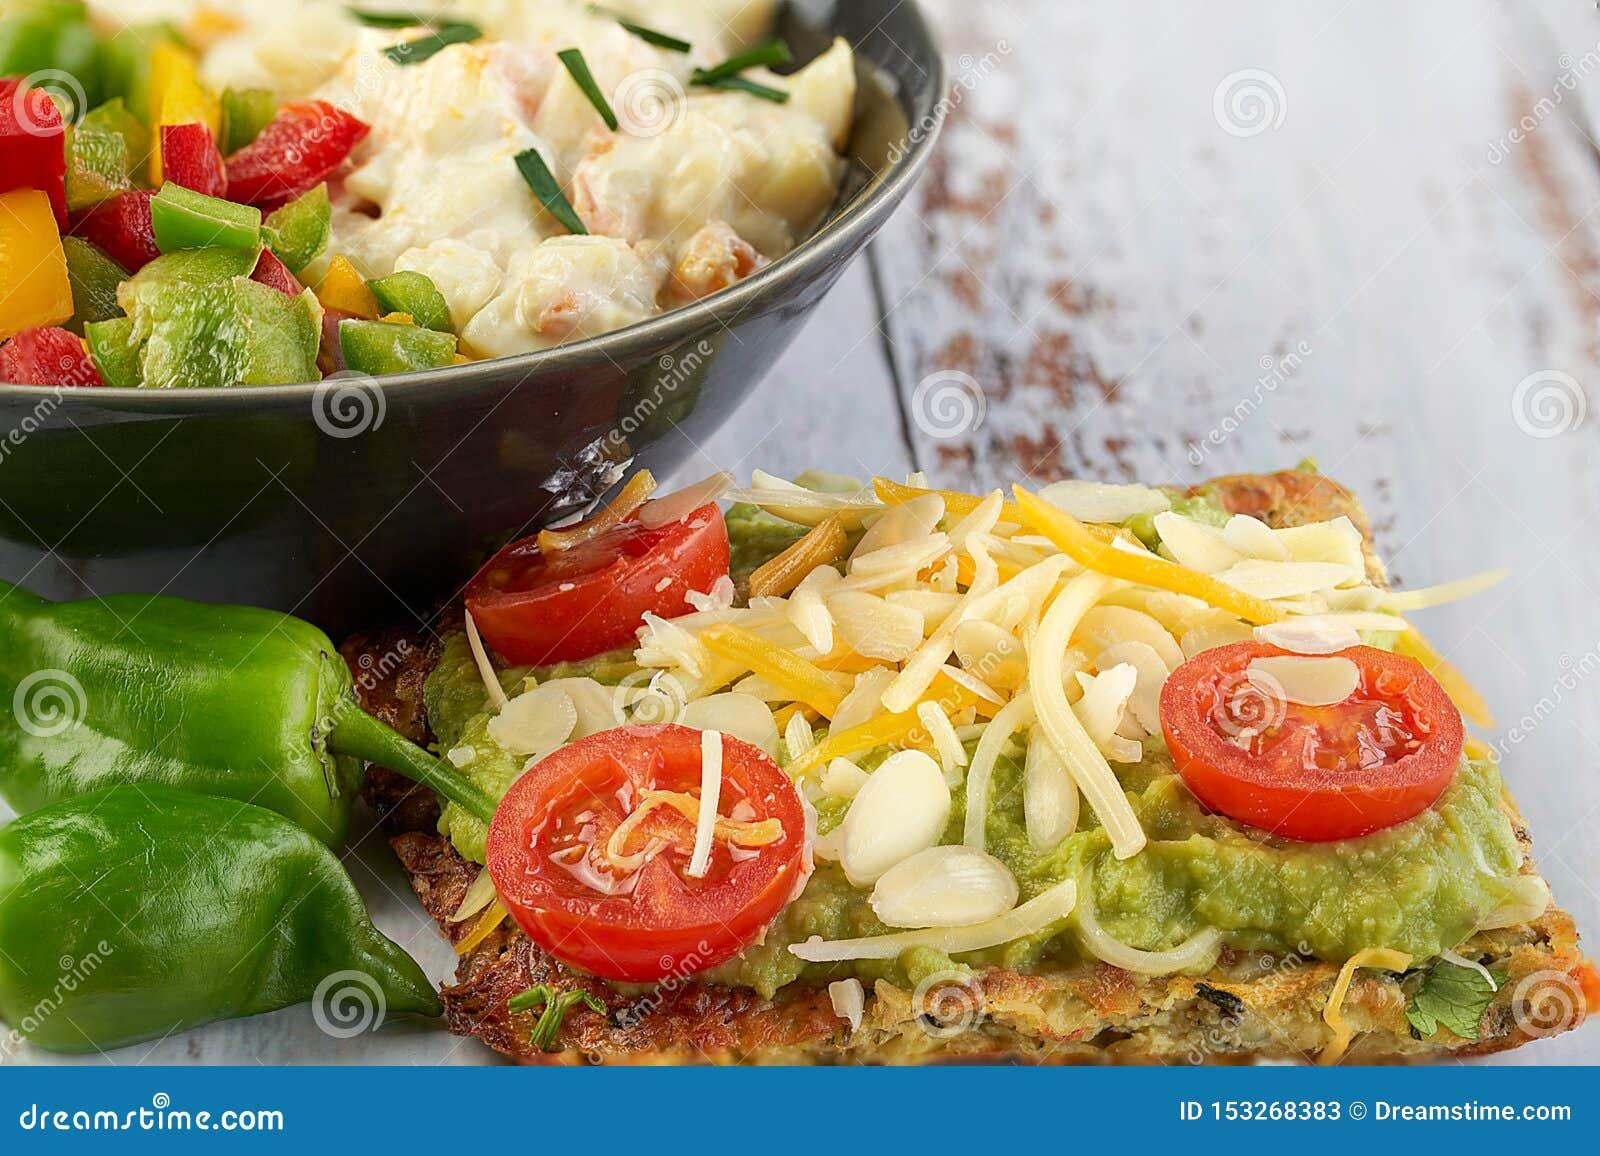 Käse- und Zucchinitortillas, geräucherter Lachs, raishes, Kirschtomaten, Avocadocreme, Frischkäse, Tomatencreme mit Basilikum